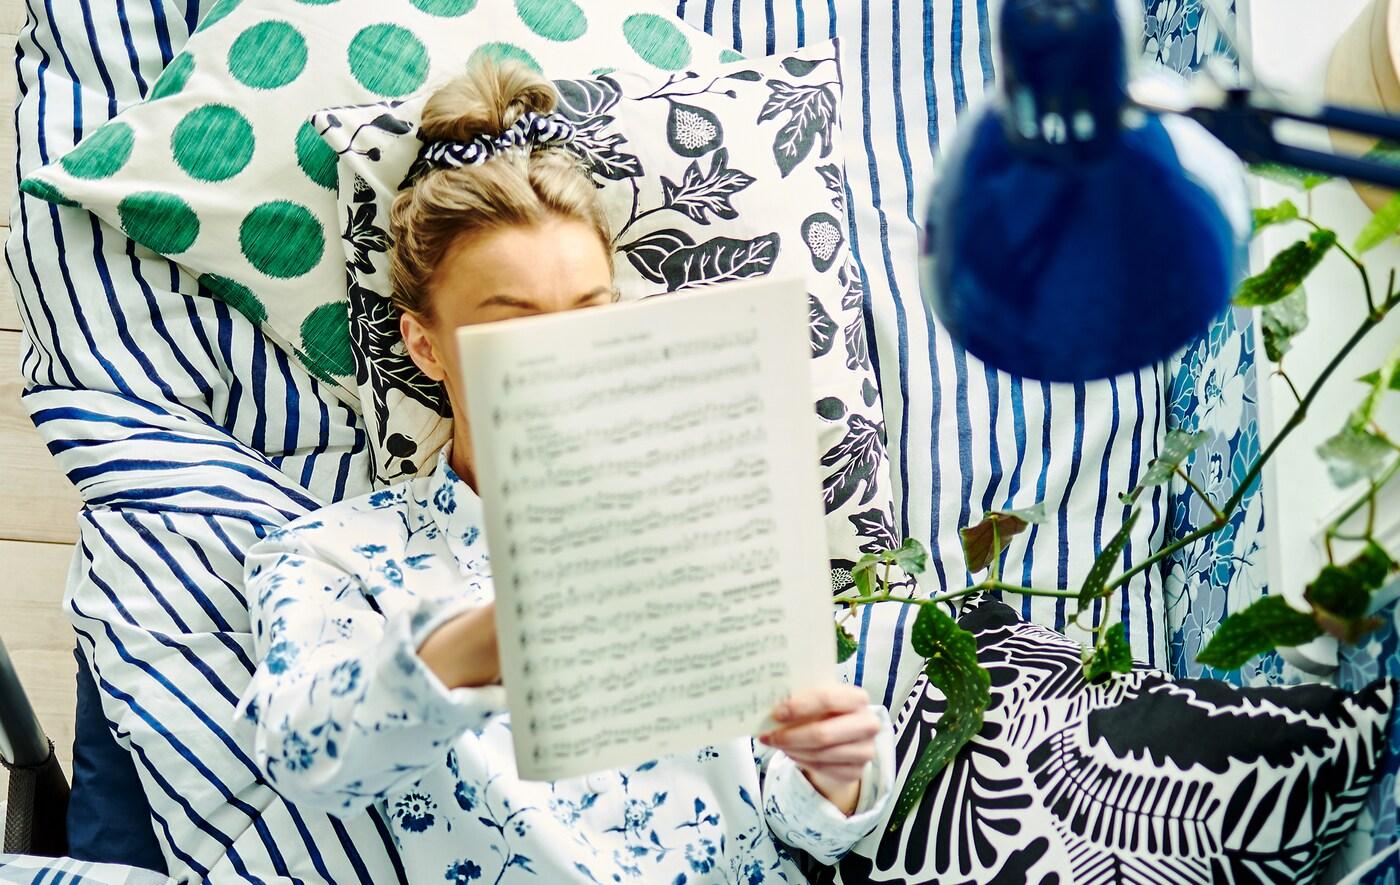 O femeie stă întinsă într-un un pat cu perne, lenjerie de pat și tapet cu modele diferite în jurul ei citind note muzicale.